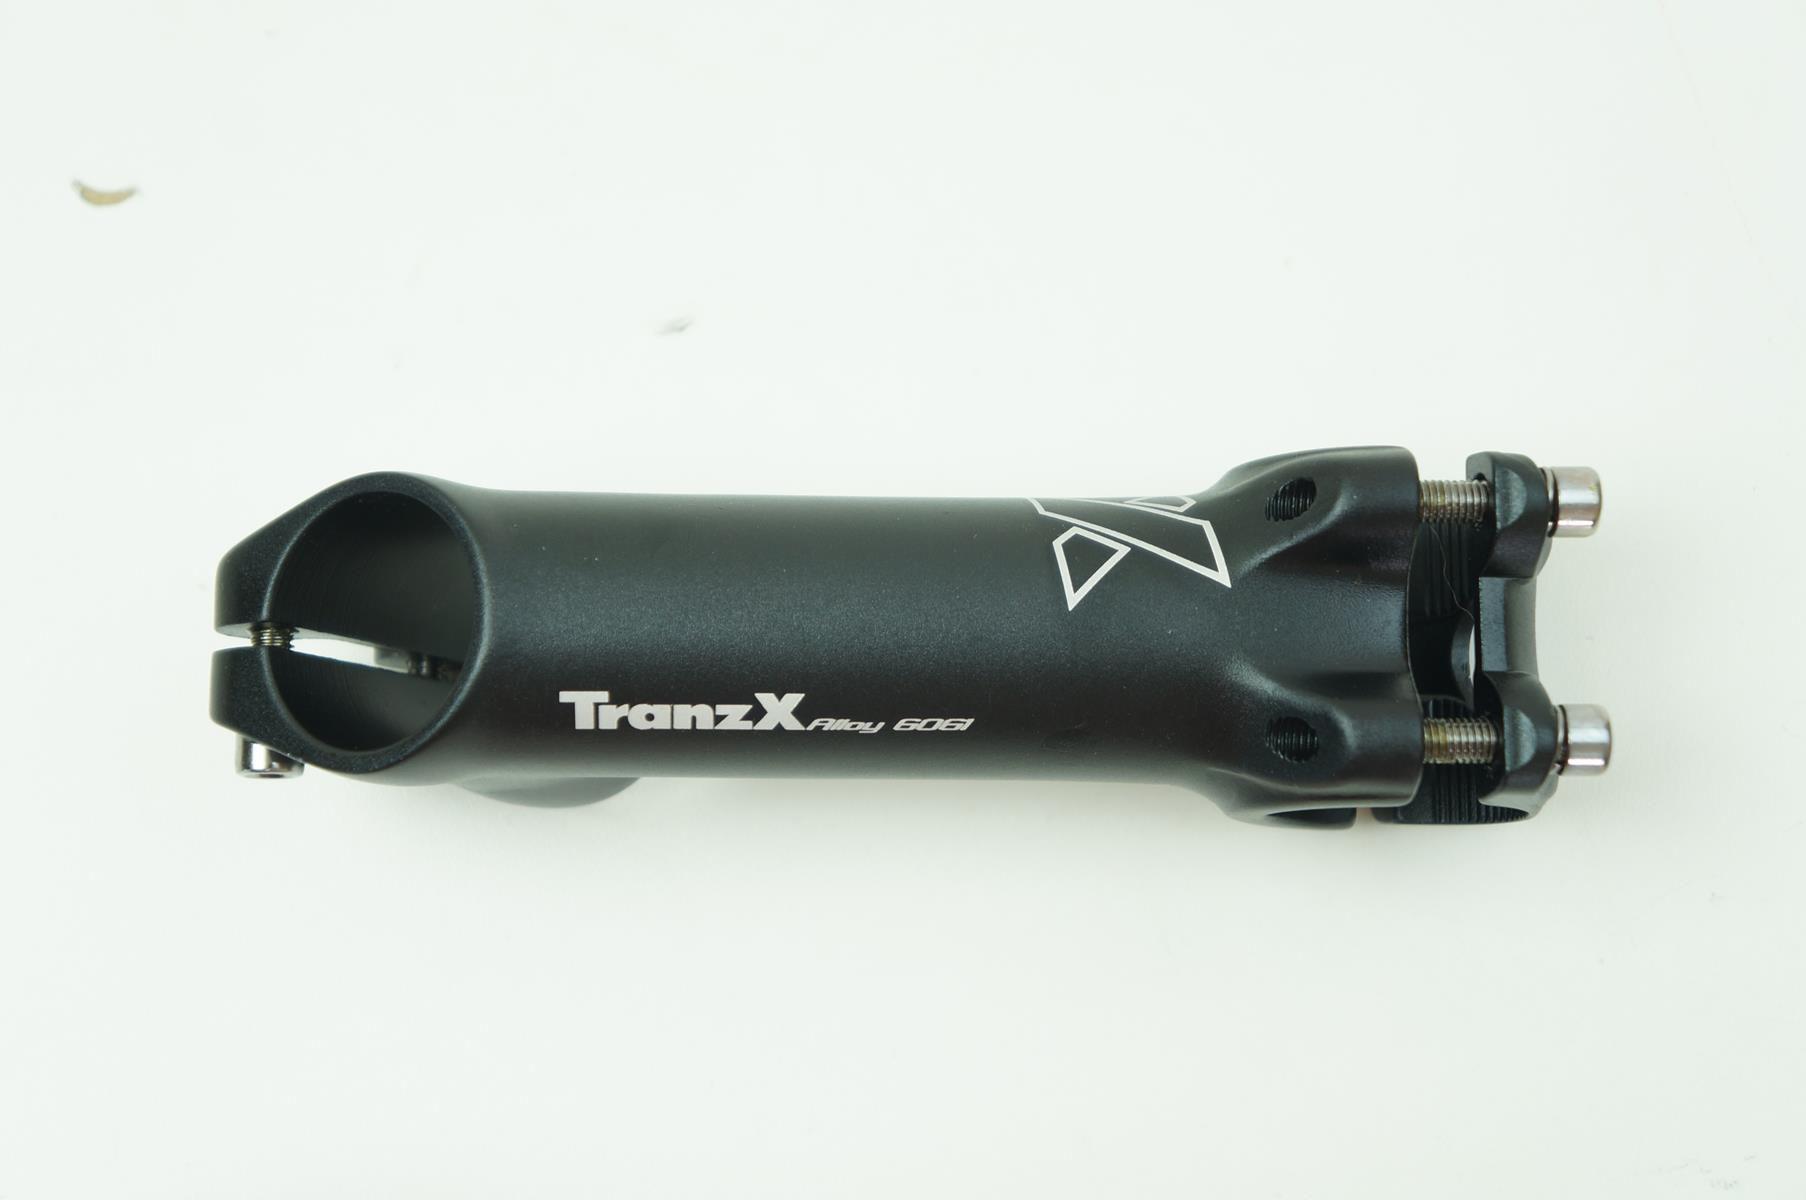 Mesa Bicicleta Mtb Tranzx 110mm 25.4mm Preta 35º graus Inclinação